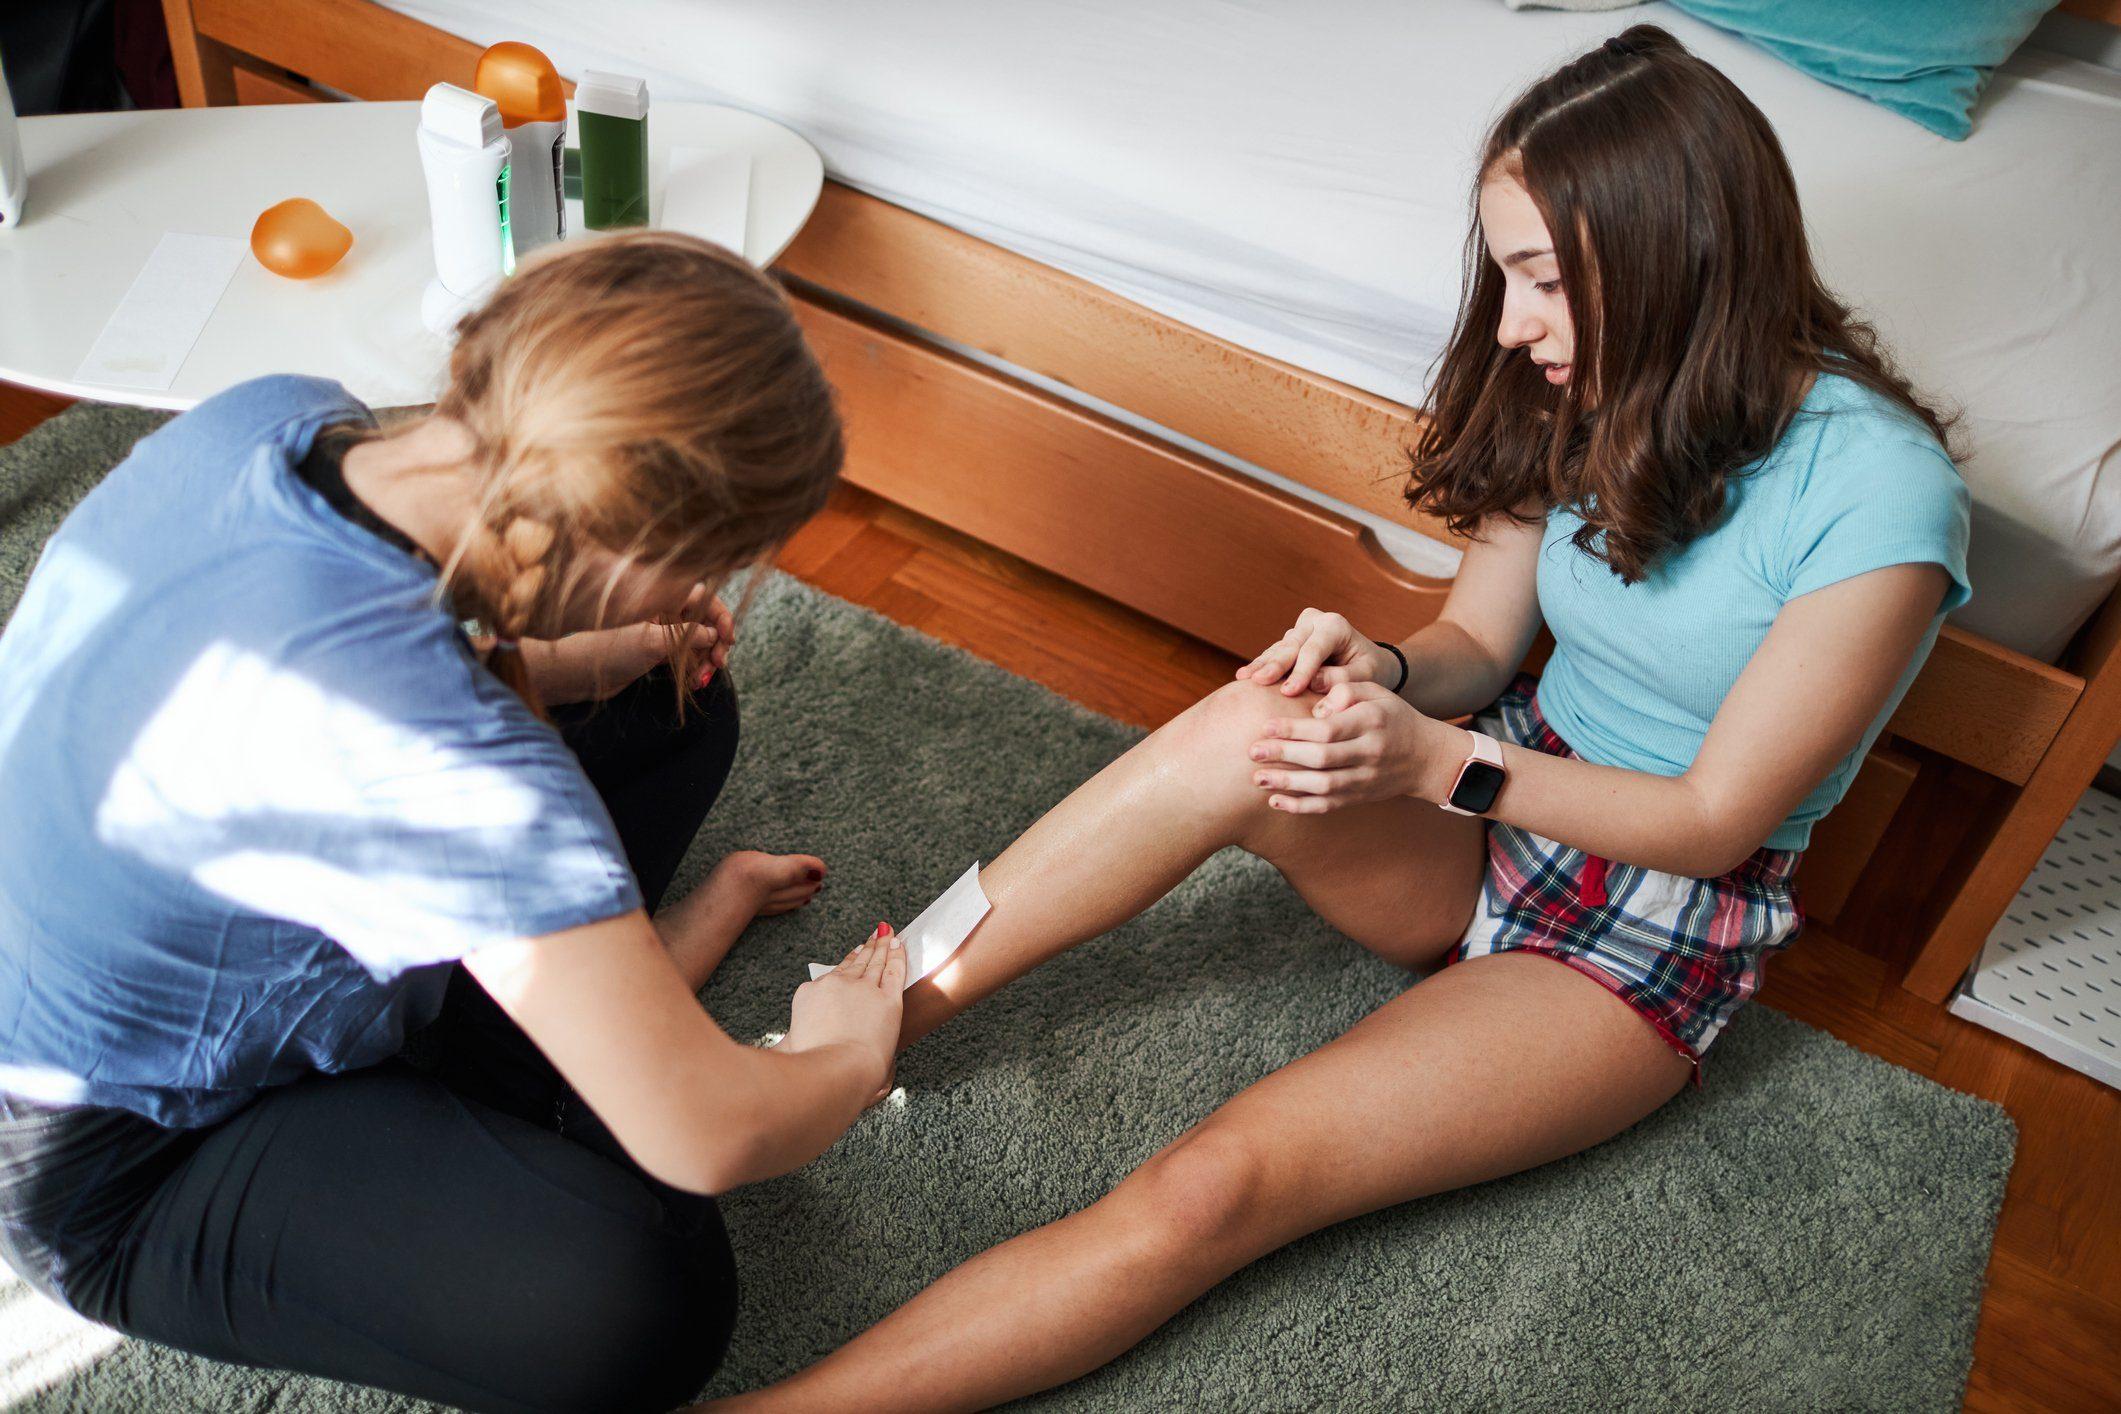 Teenage Sisters Waxing At Home